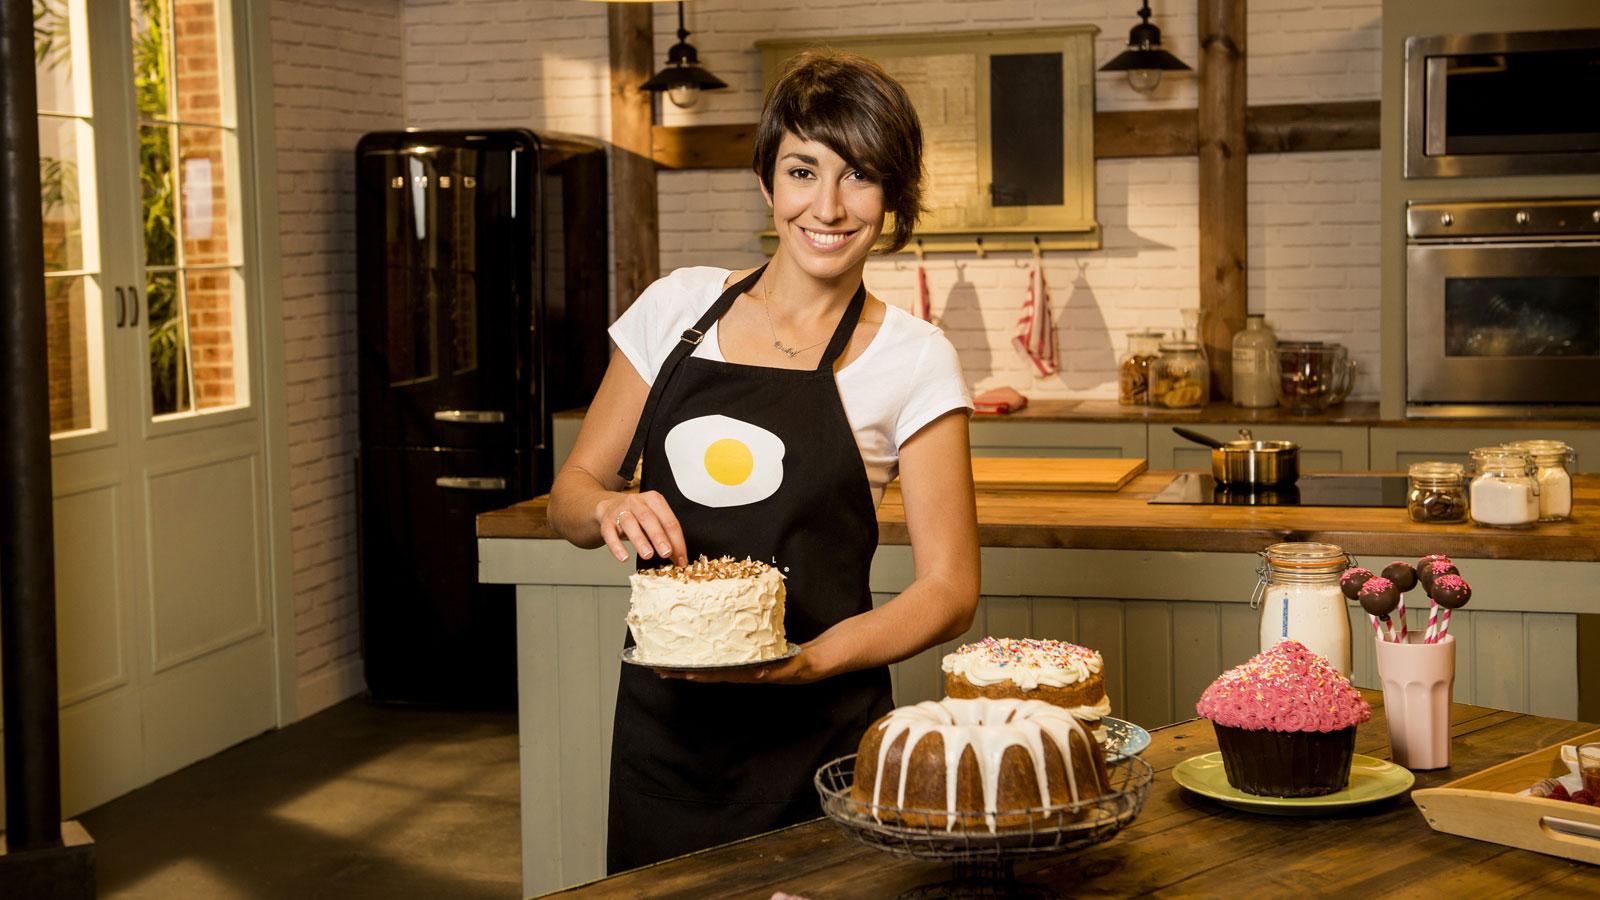 La vi edici n de blogueros cocineros ya en canal cocina for Cocineros de canal cocina